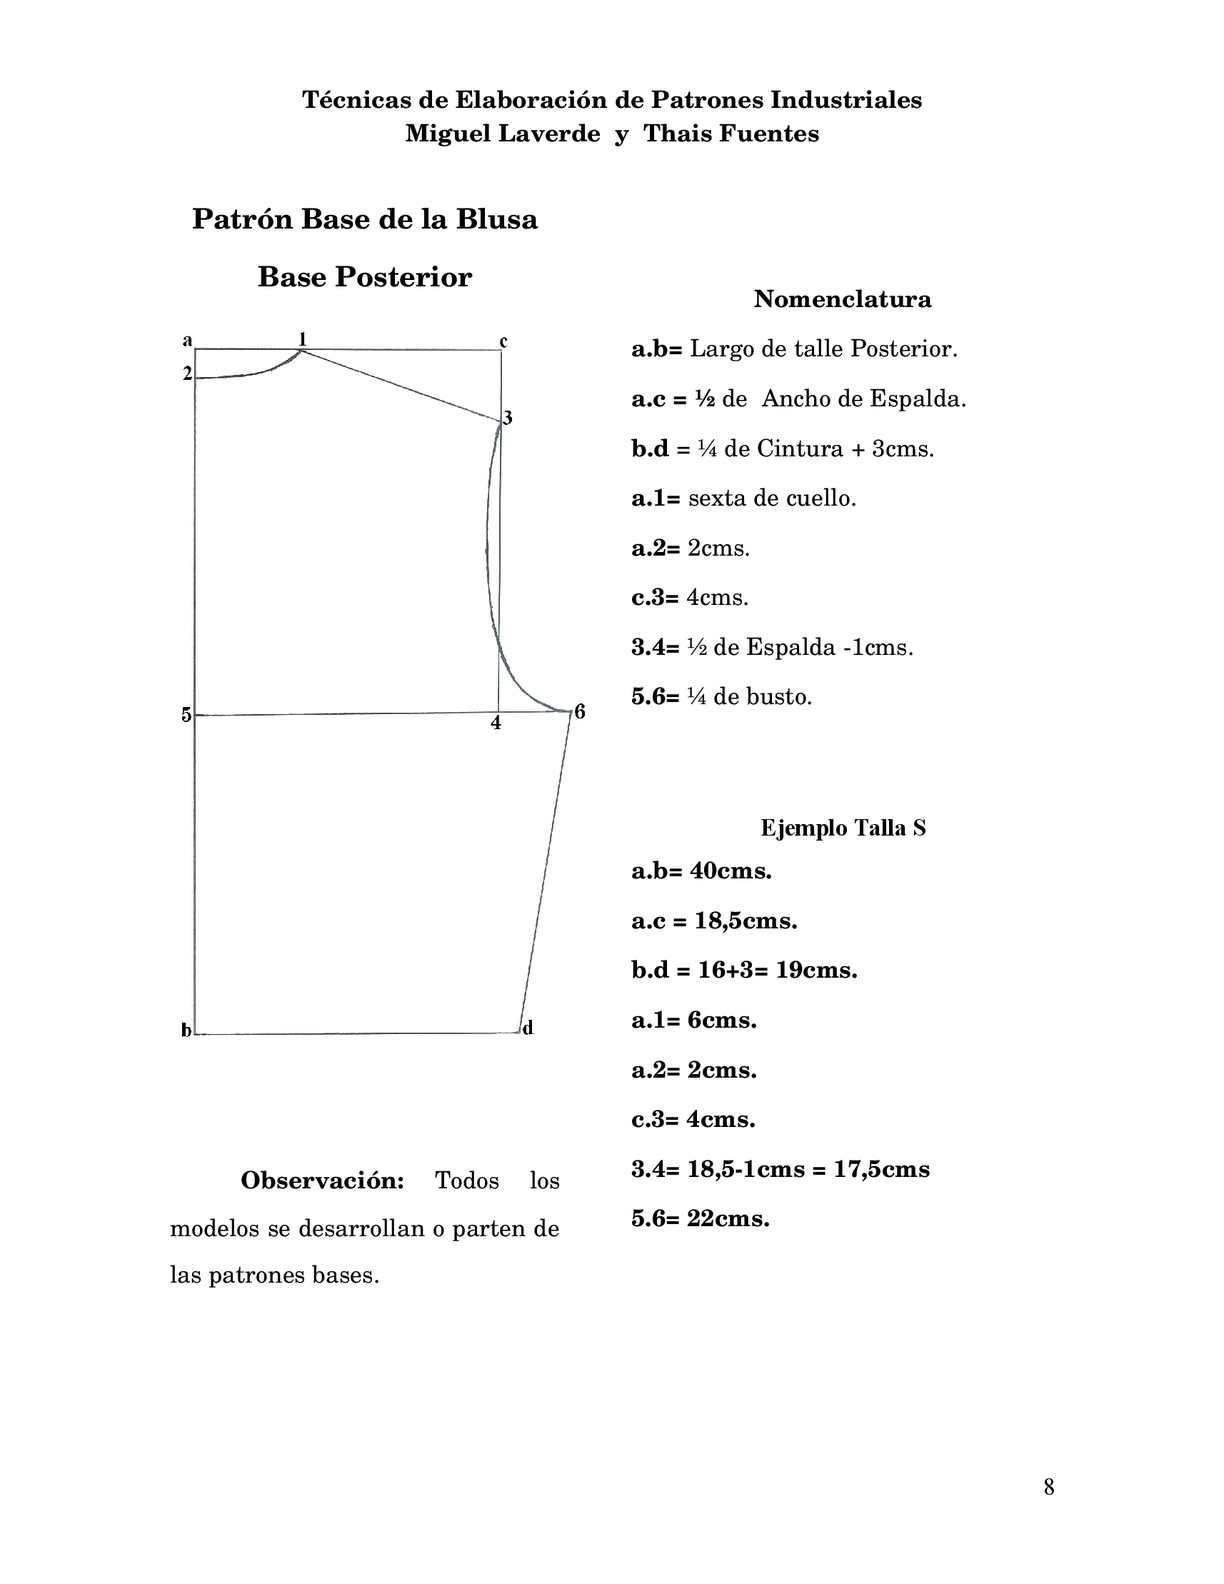 TECNICAS DE ELABORACION DE PATRONES INDUSTRIALES